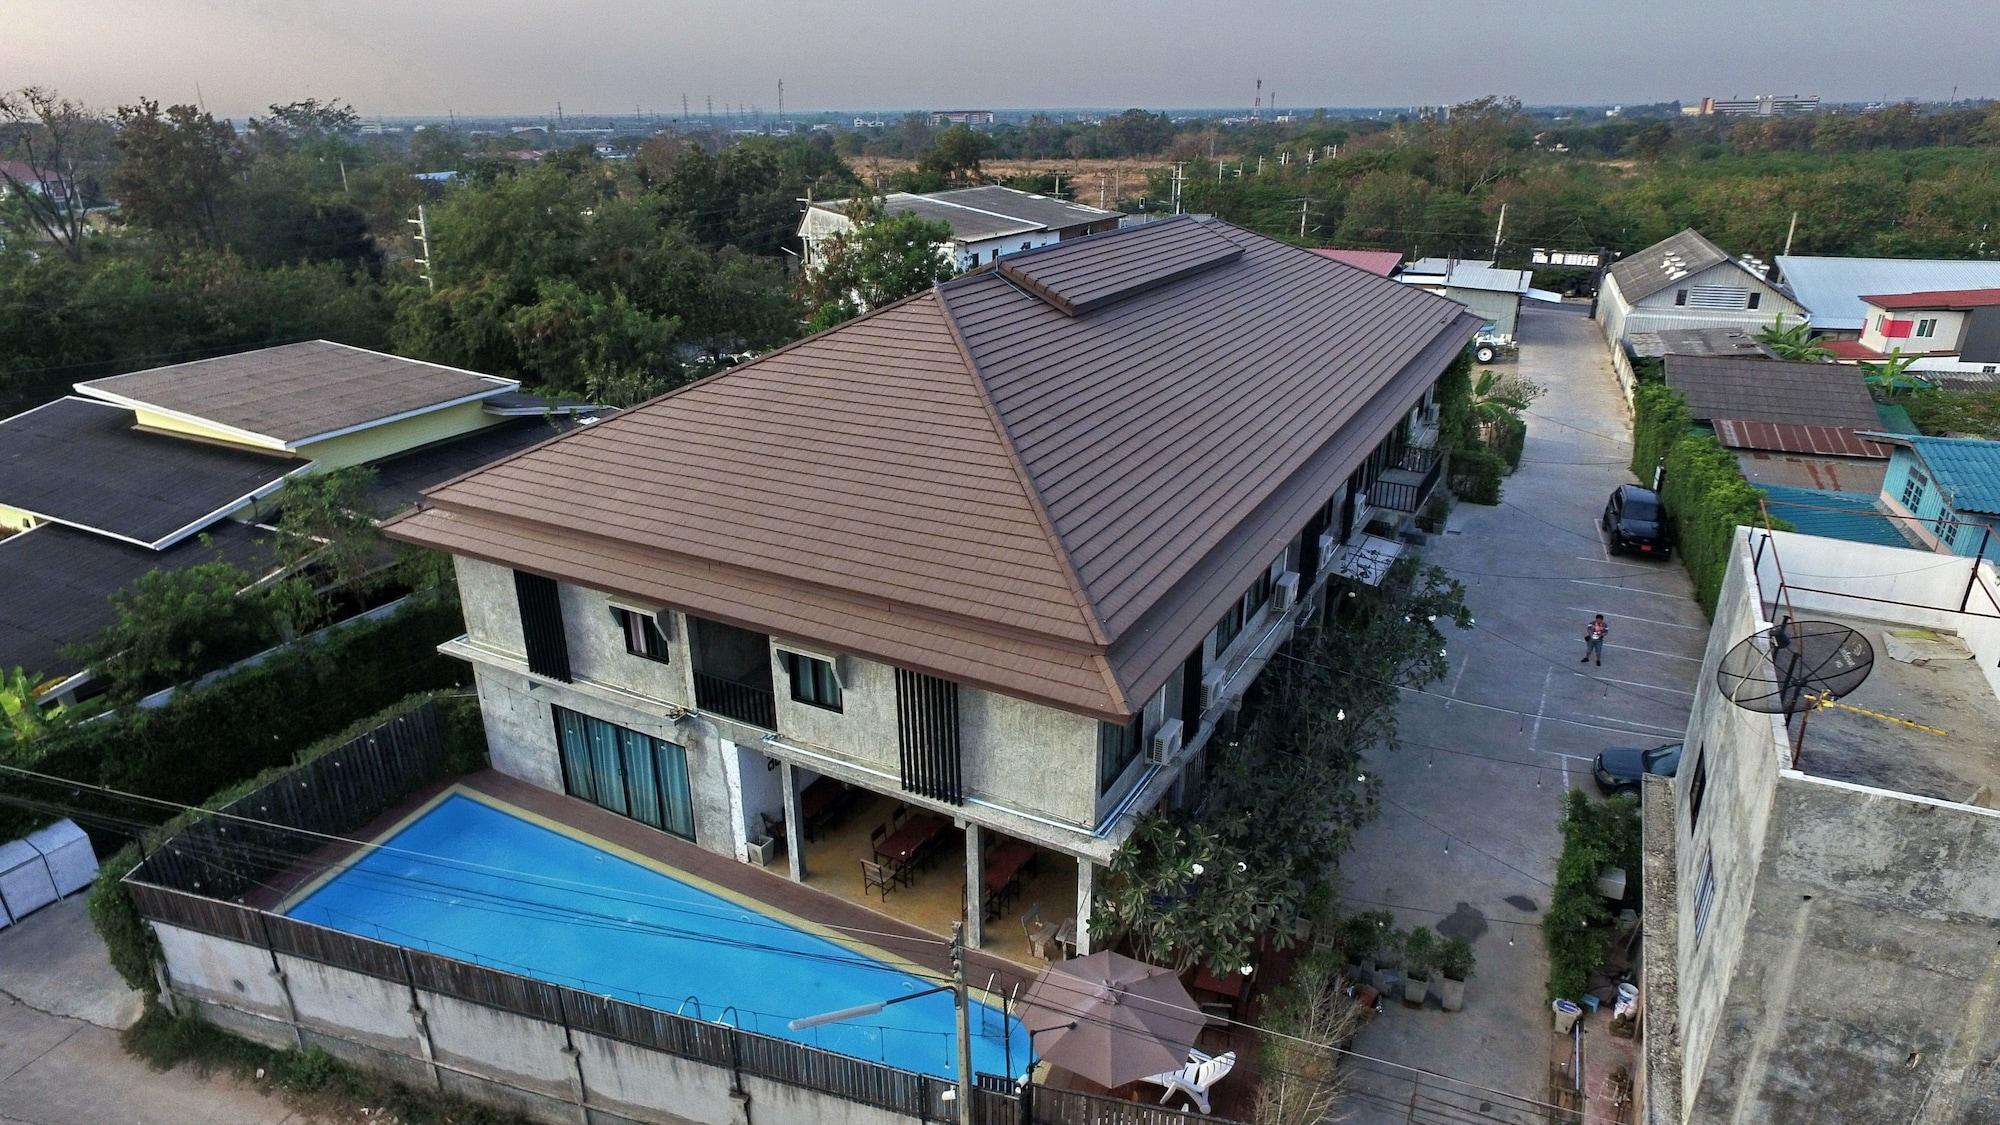 Loft at Sima, Muang Nakhon Ratchasima